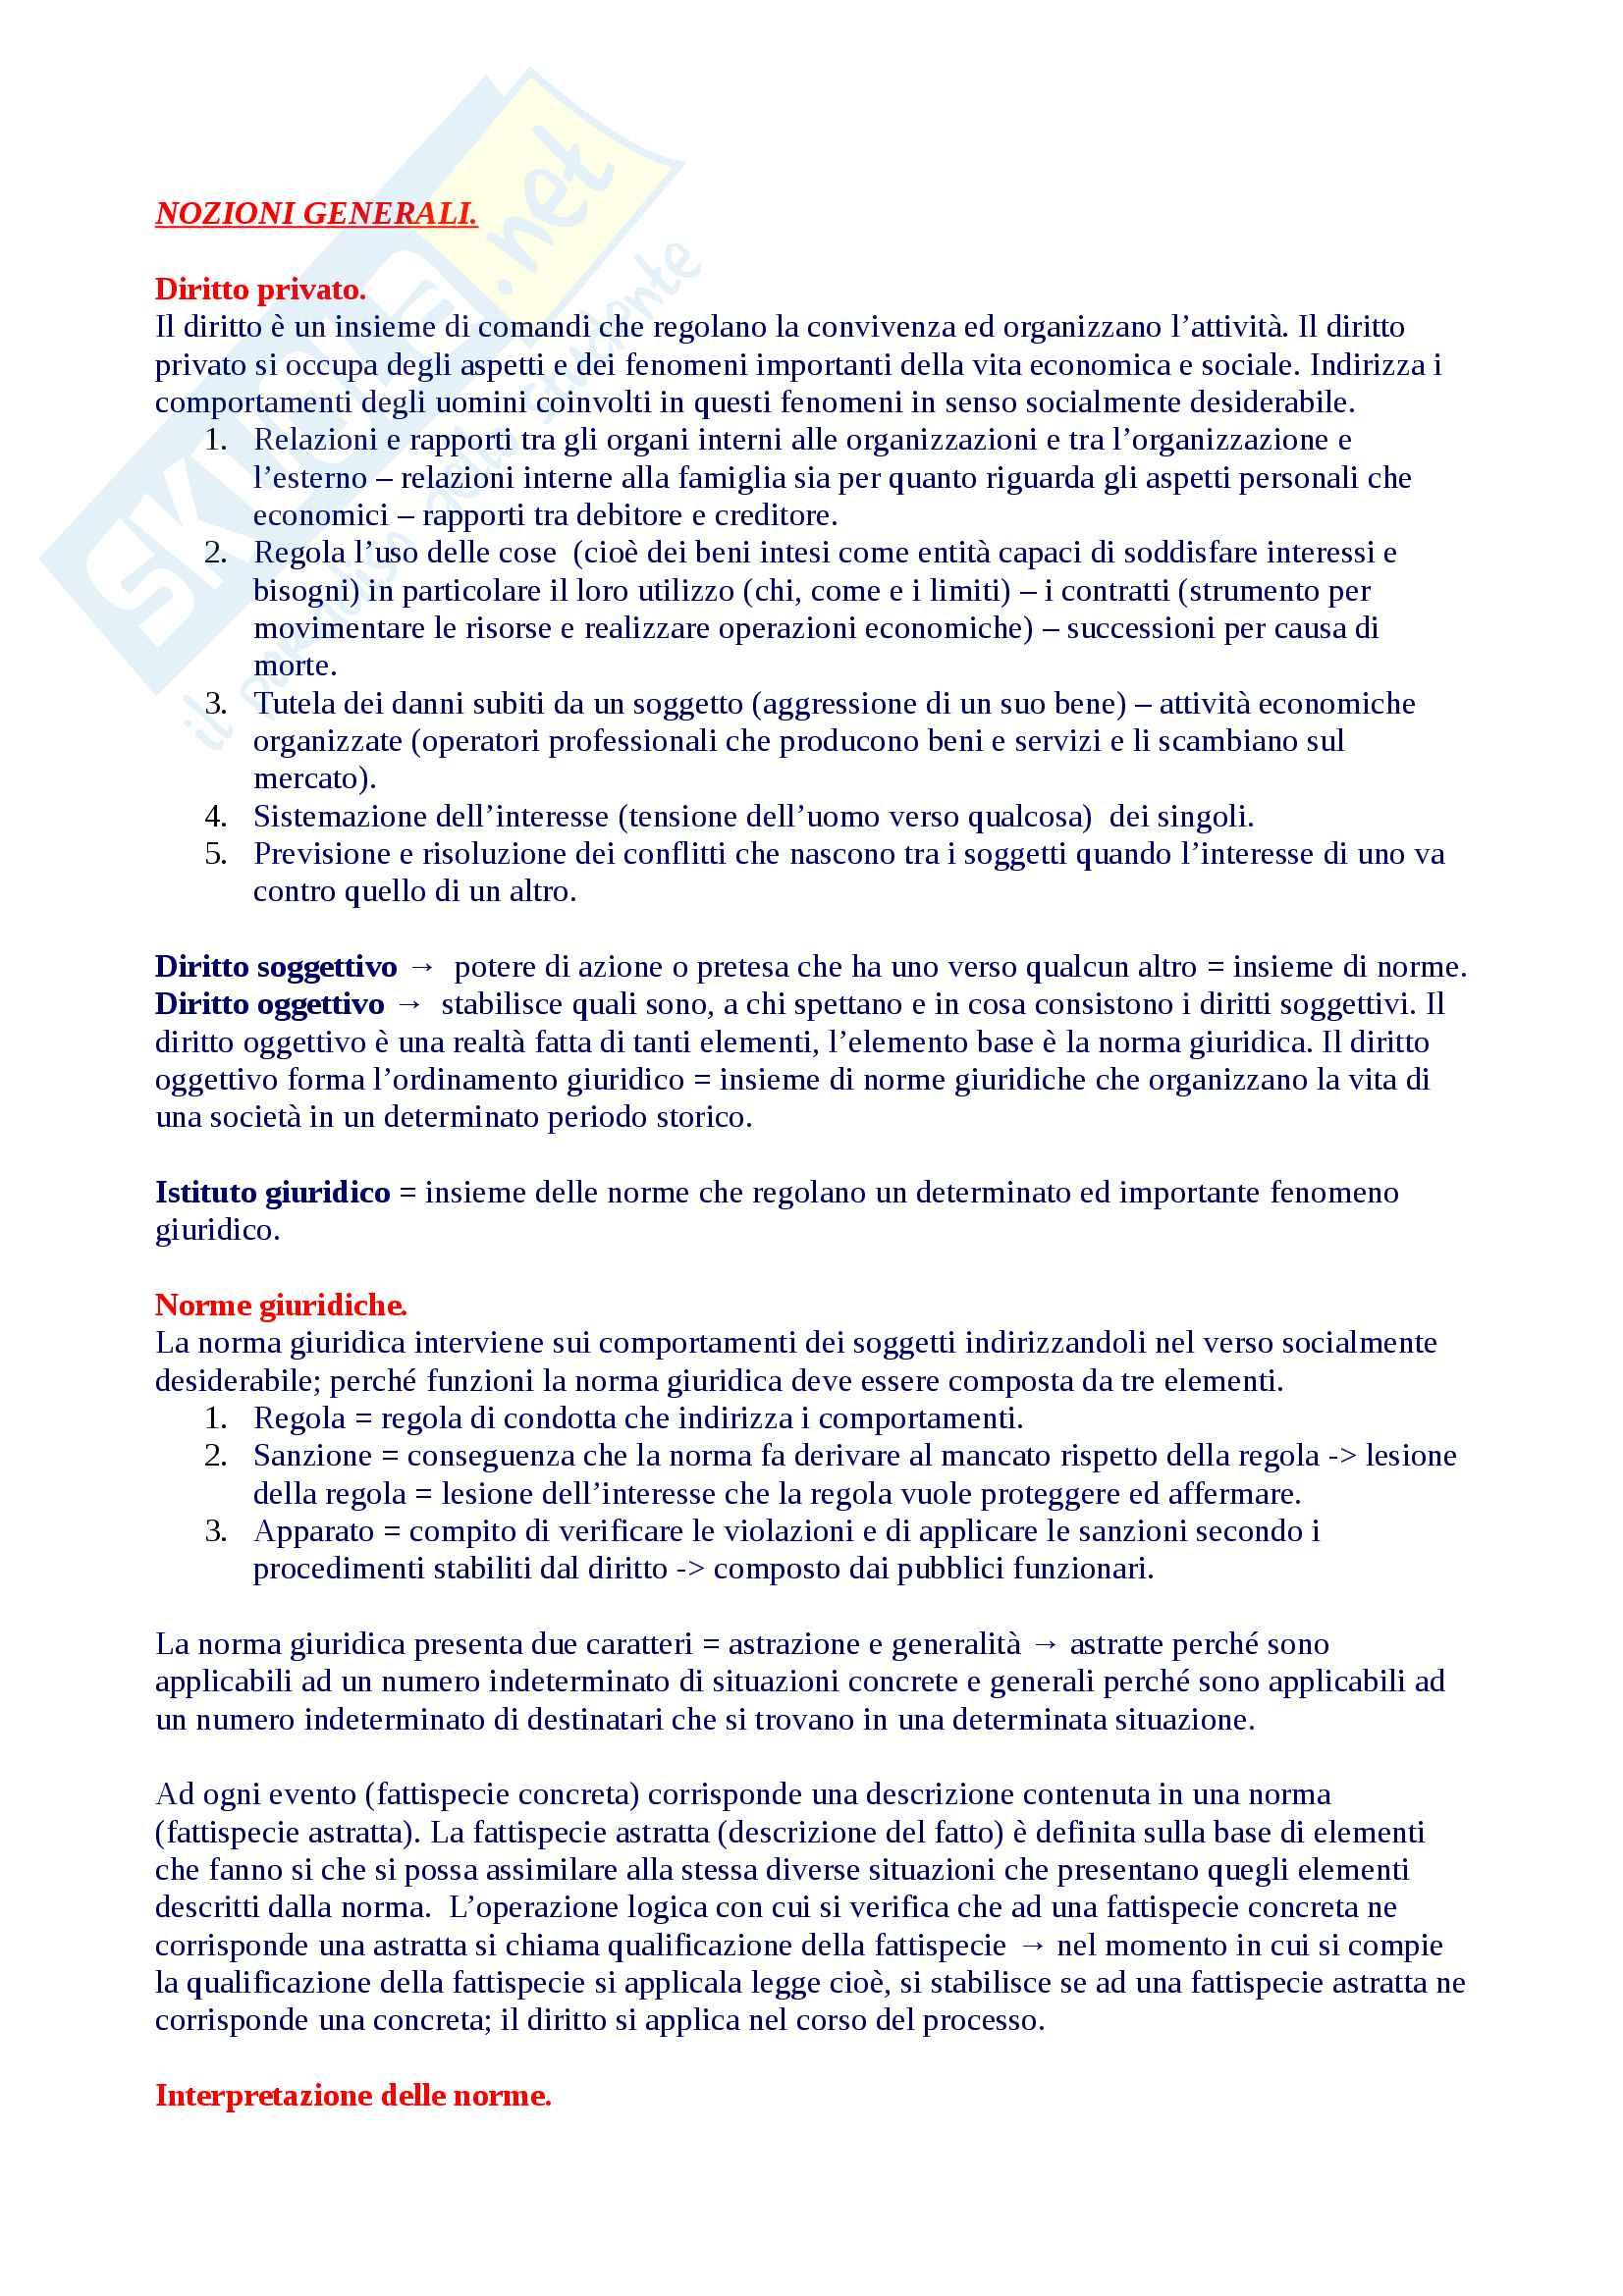 Riassunto diritto privato 1, libro consigliato Roppo